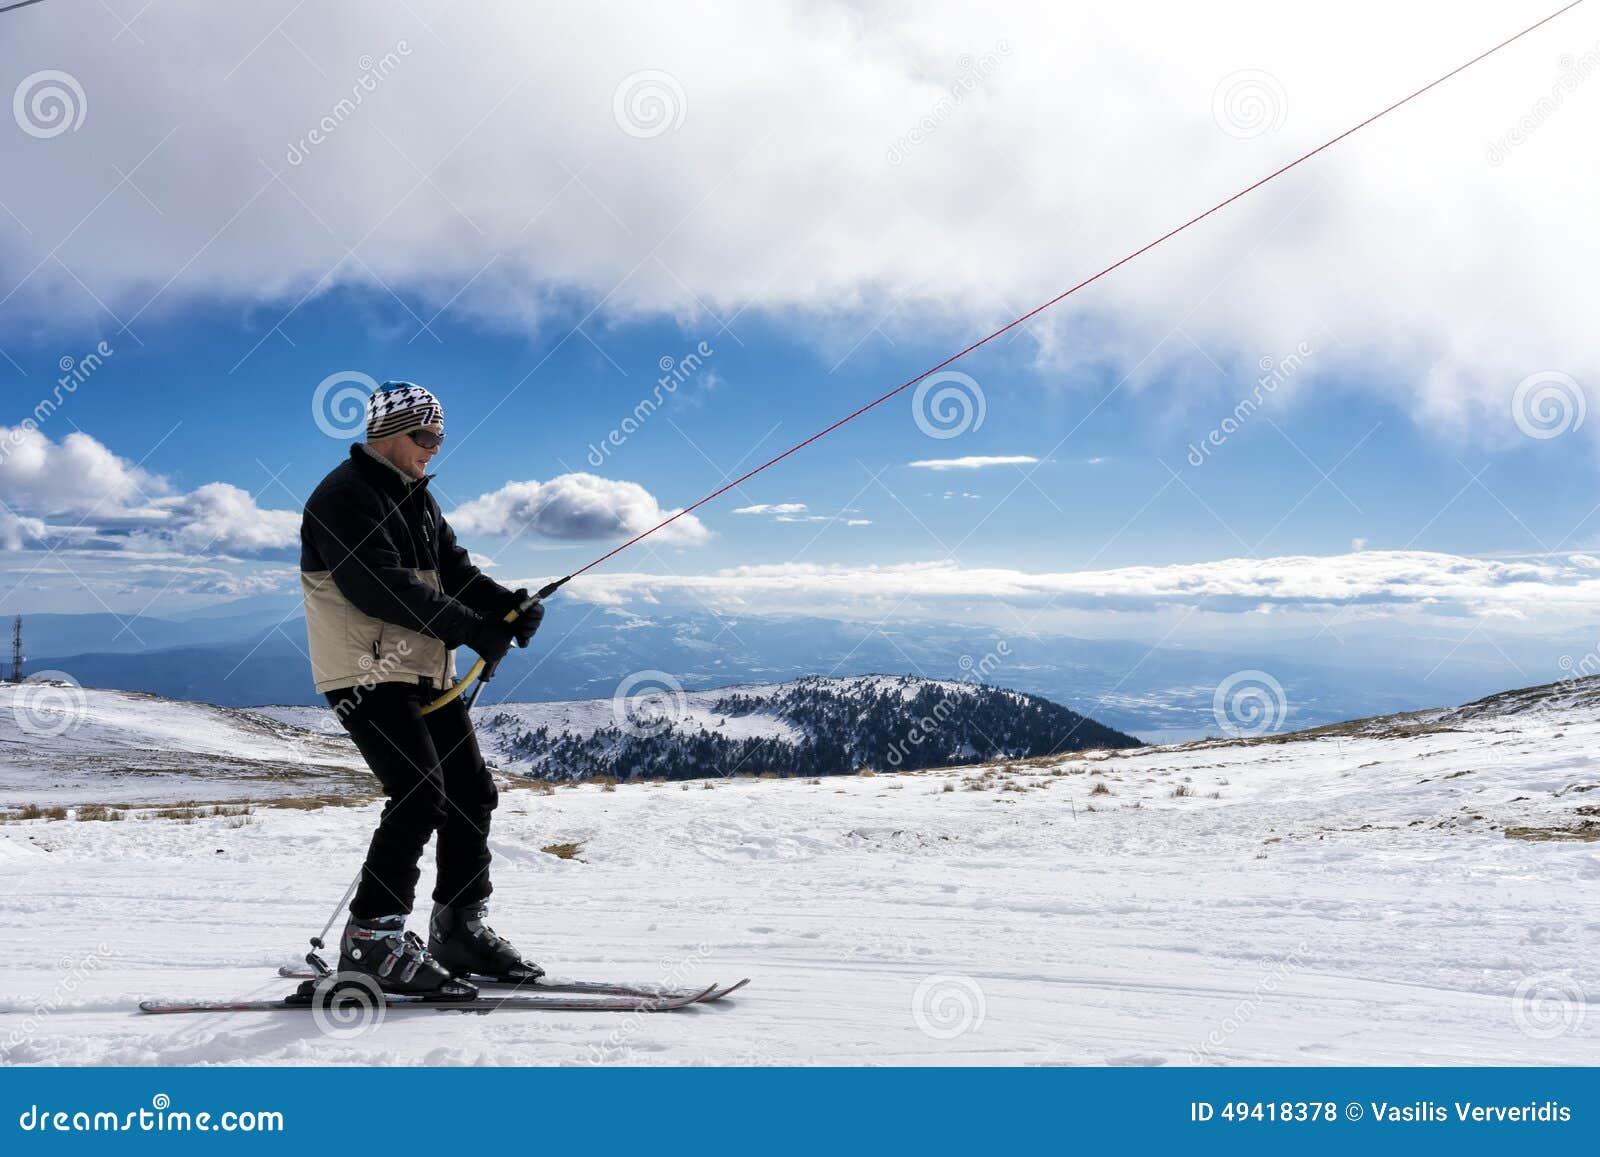 Gli sciatori godono della neve al centro dello sci di Kaimaktsalan, in Grecia rec